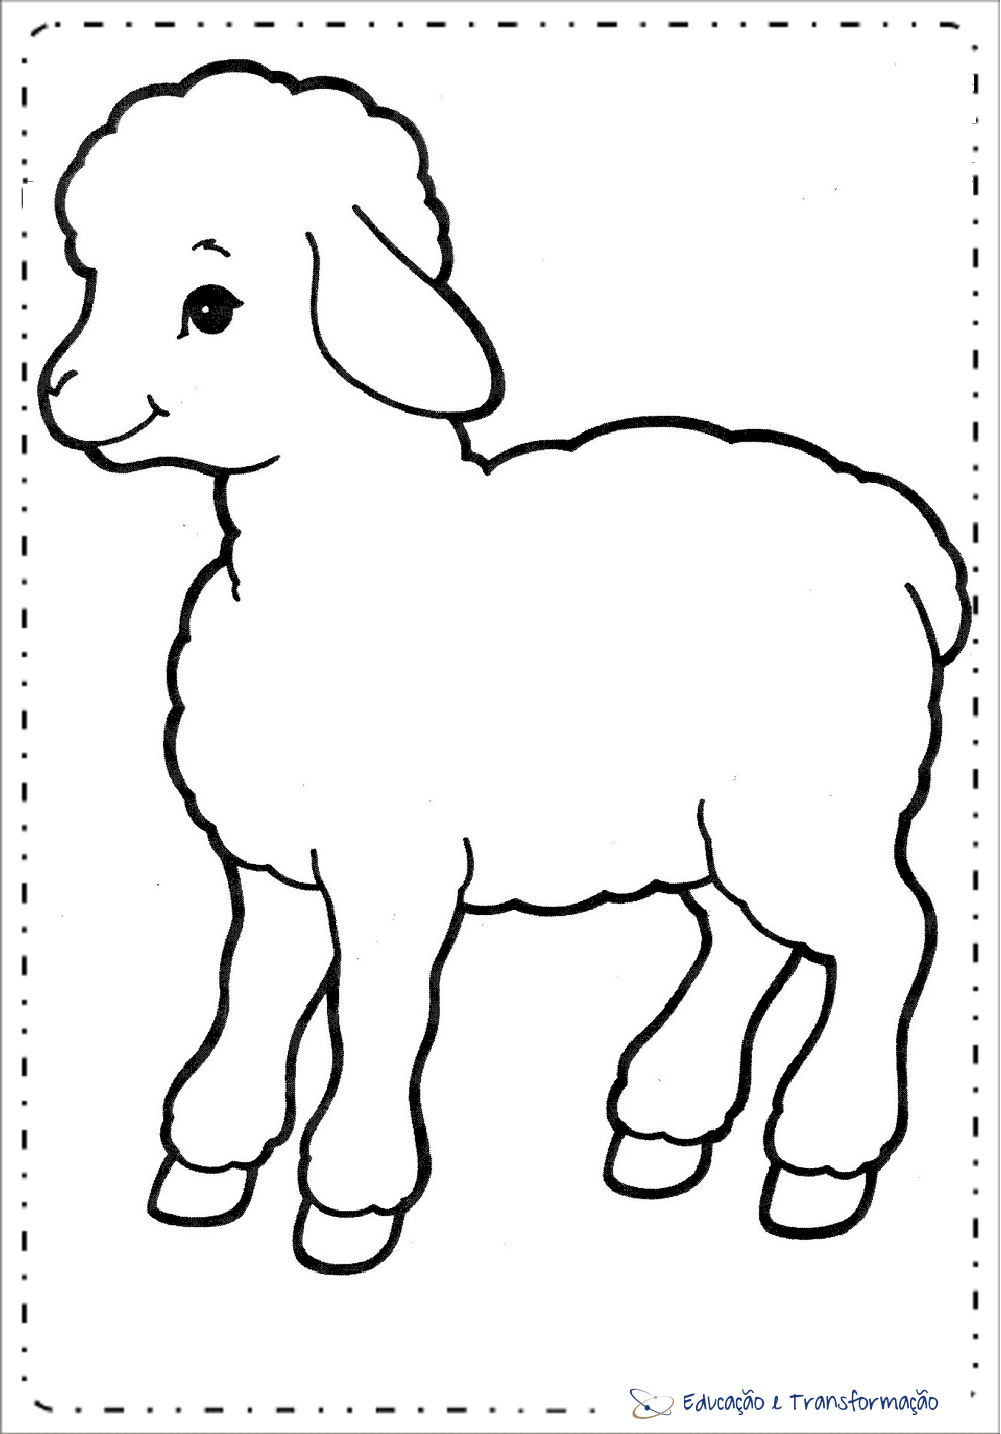 Desenhos De Ovelhas Para Colorir – Educação E Transformação